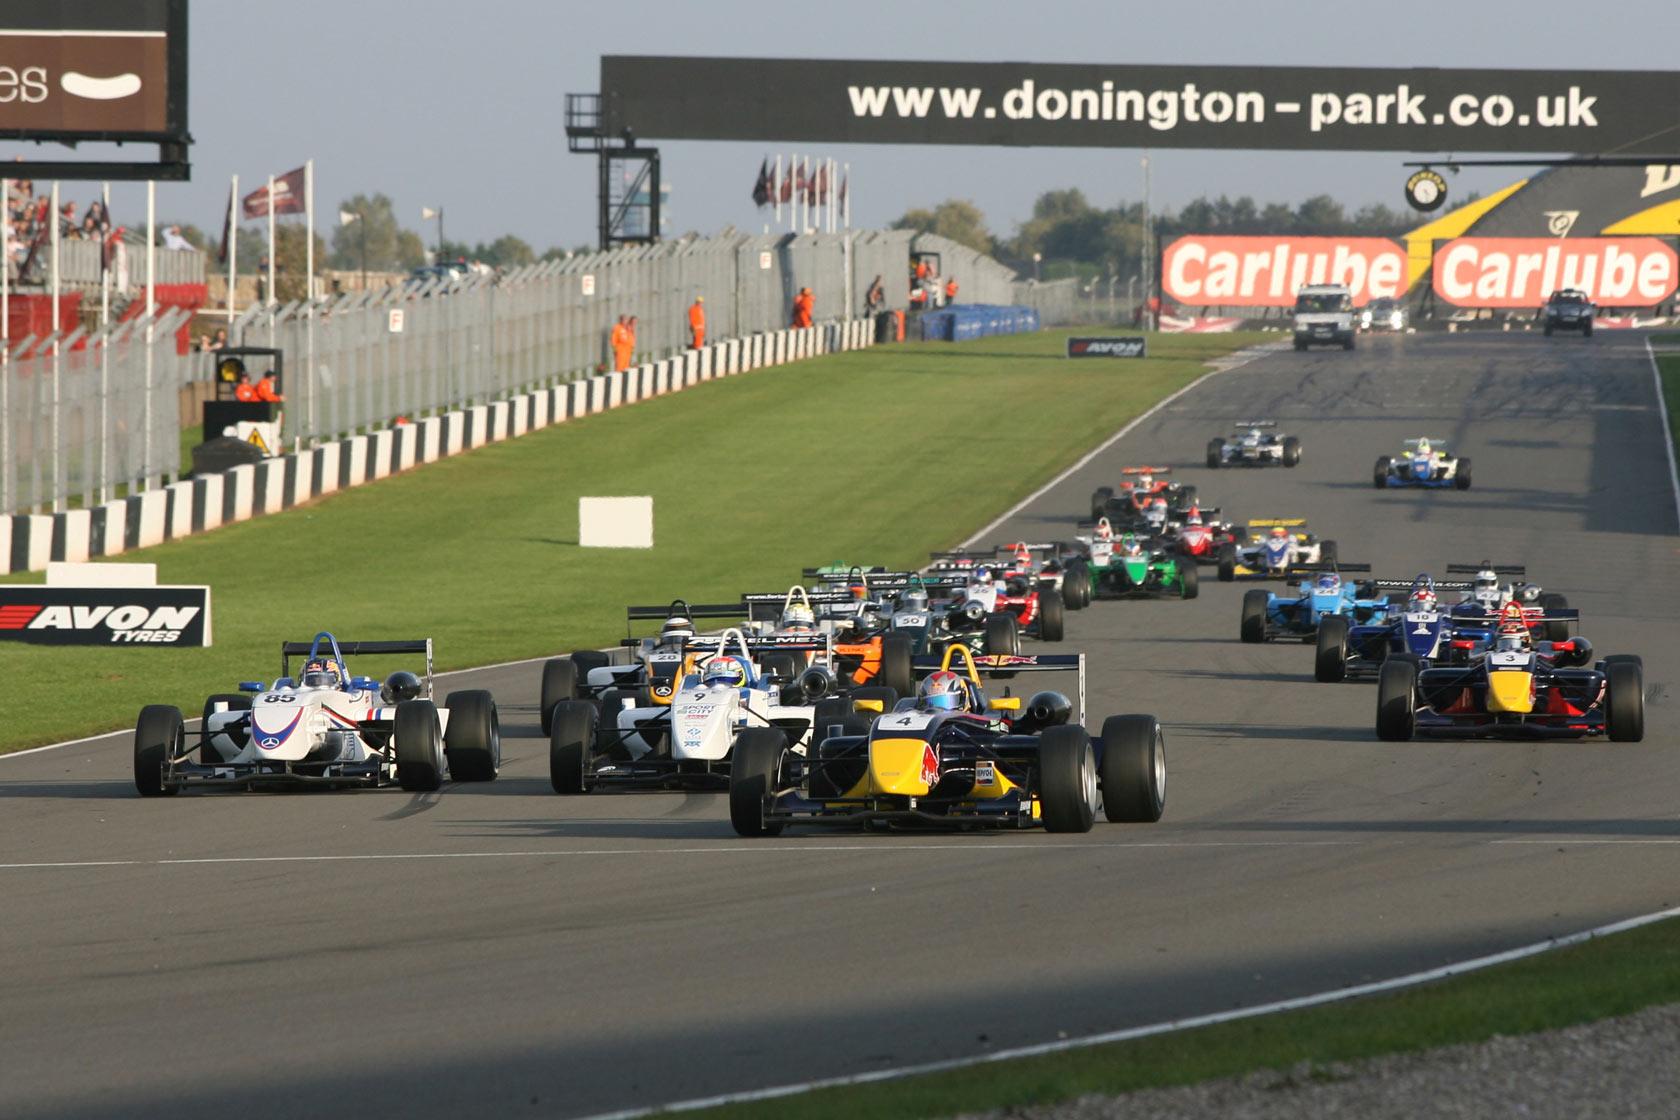 Largada de uma prova da Fórmula 3 inglesa em Donington Park, 2008: definitivamente, o certame já viveu dias bem melhores...